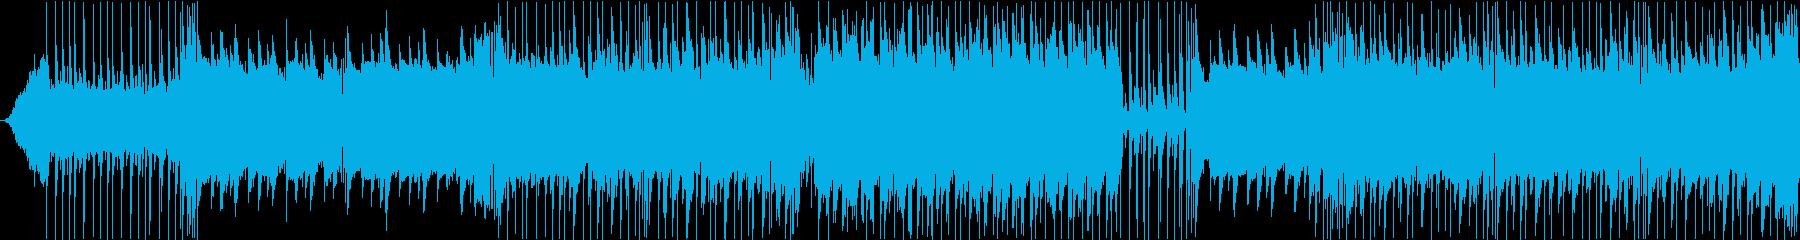 バトル形式イベントOP風テクノファンクの再生済みの波形